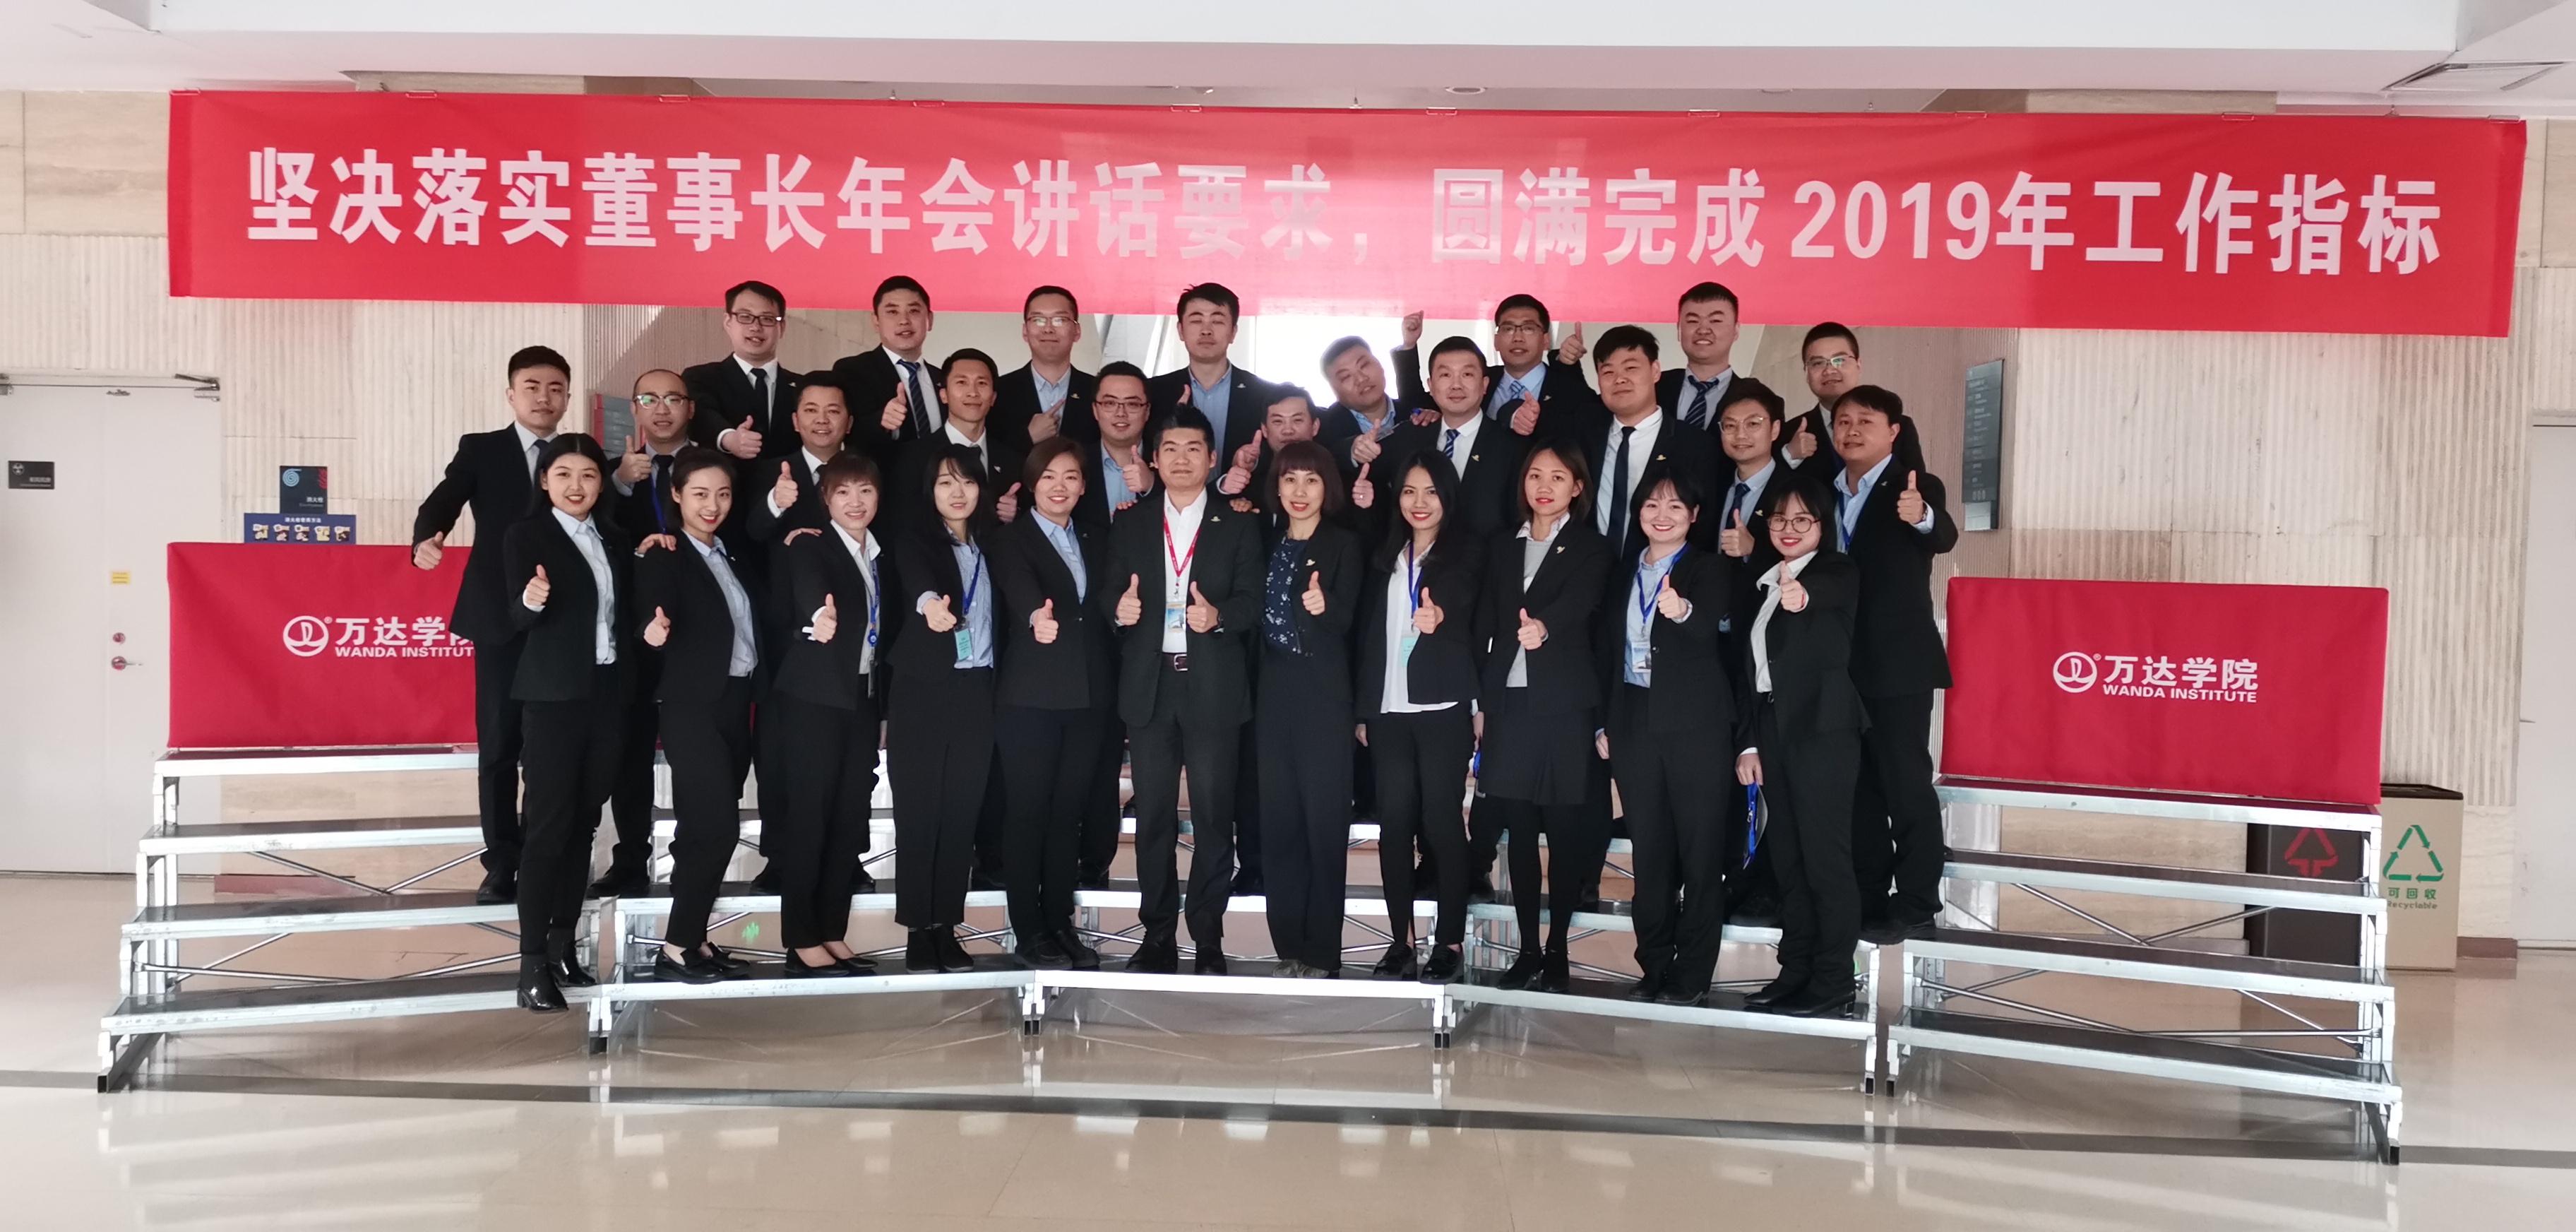 萬達電影舉辦2019首期儲備干部精英訓練營